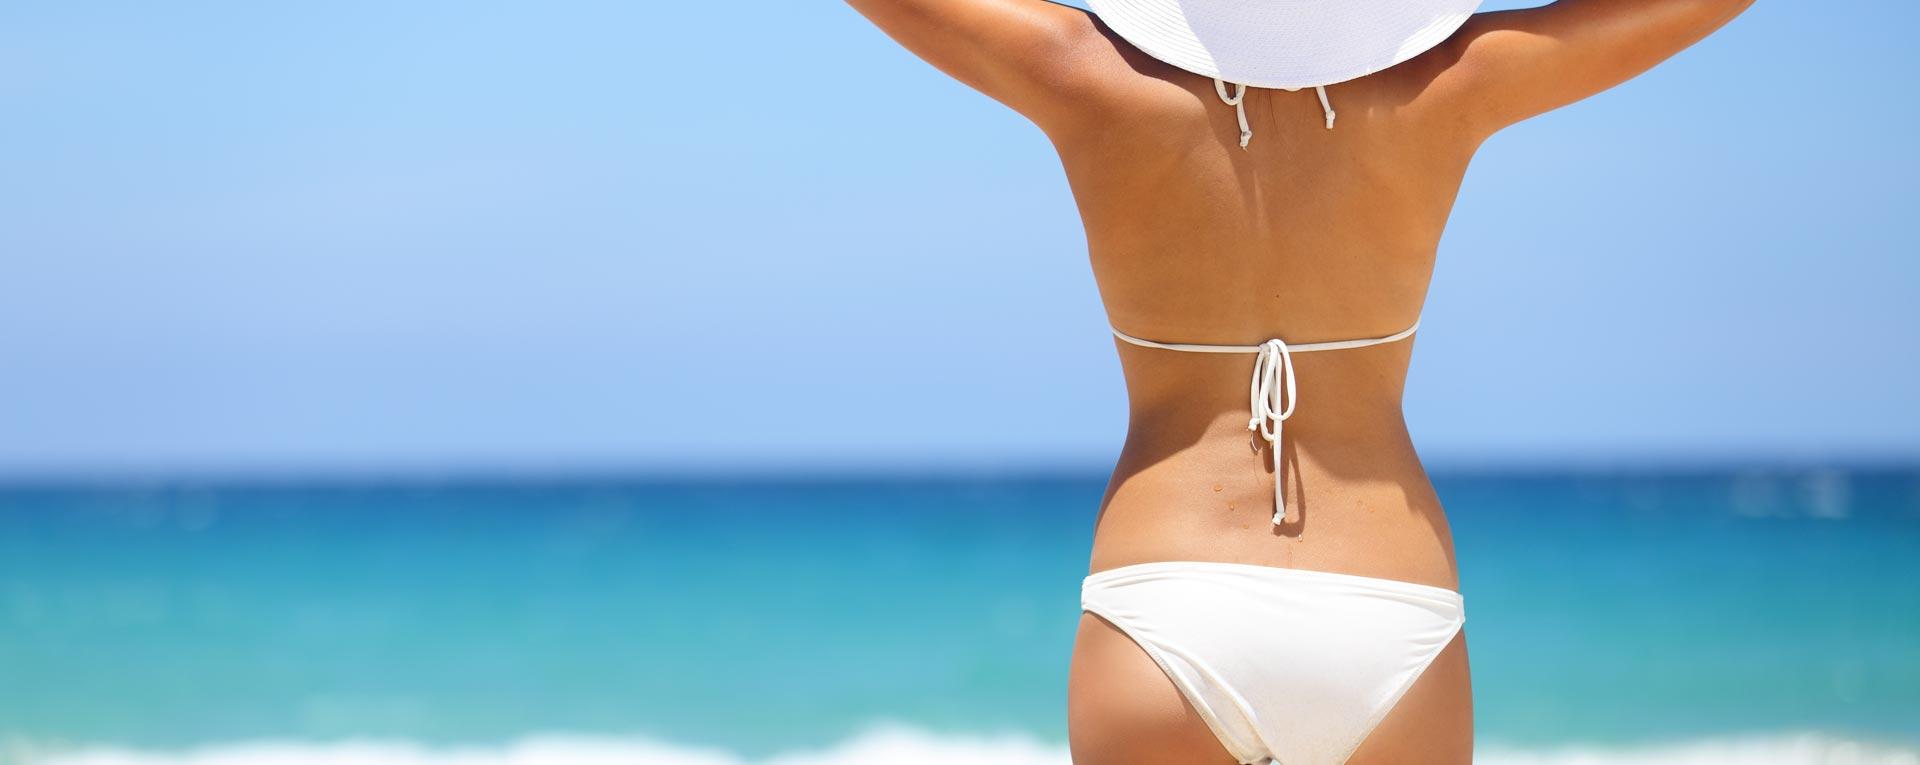 tan-on-the-beach